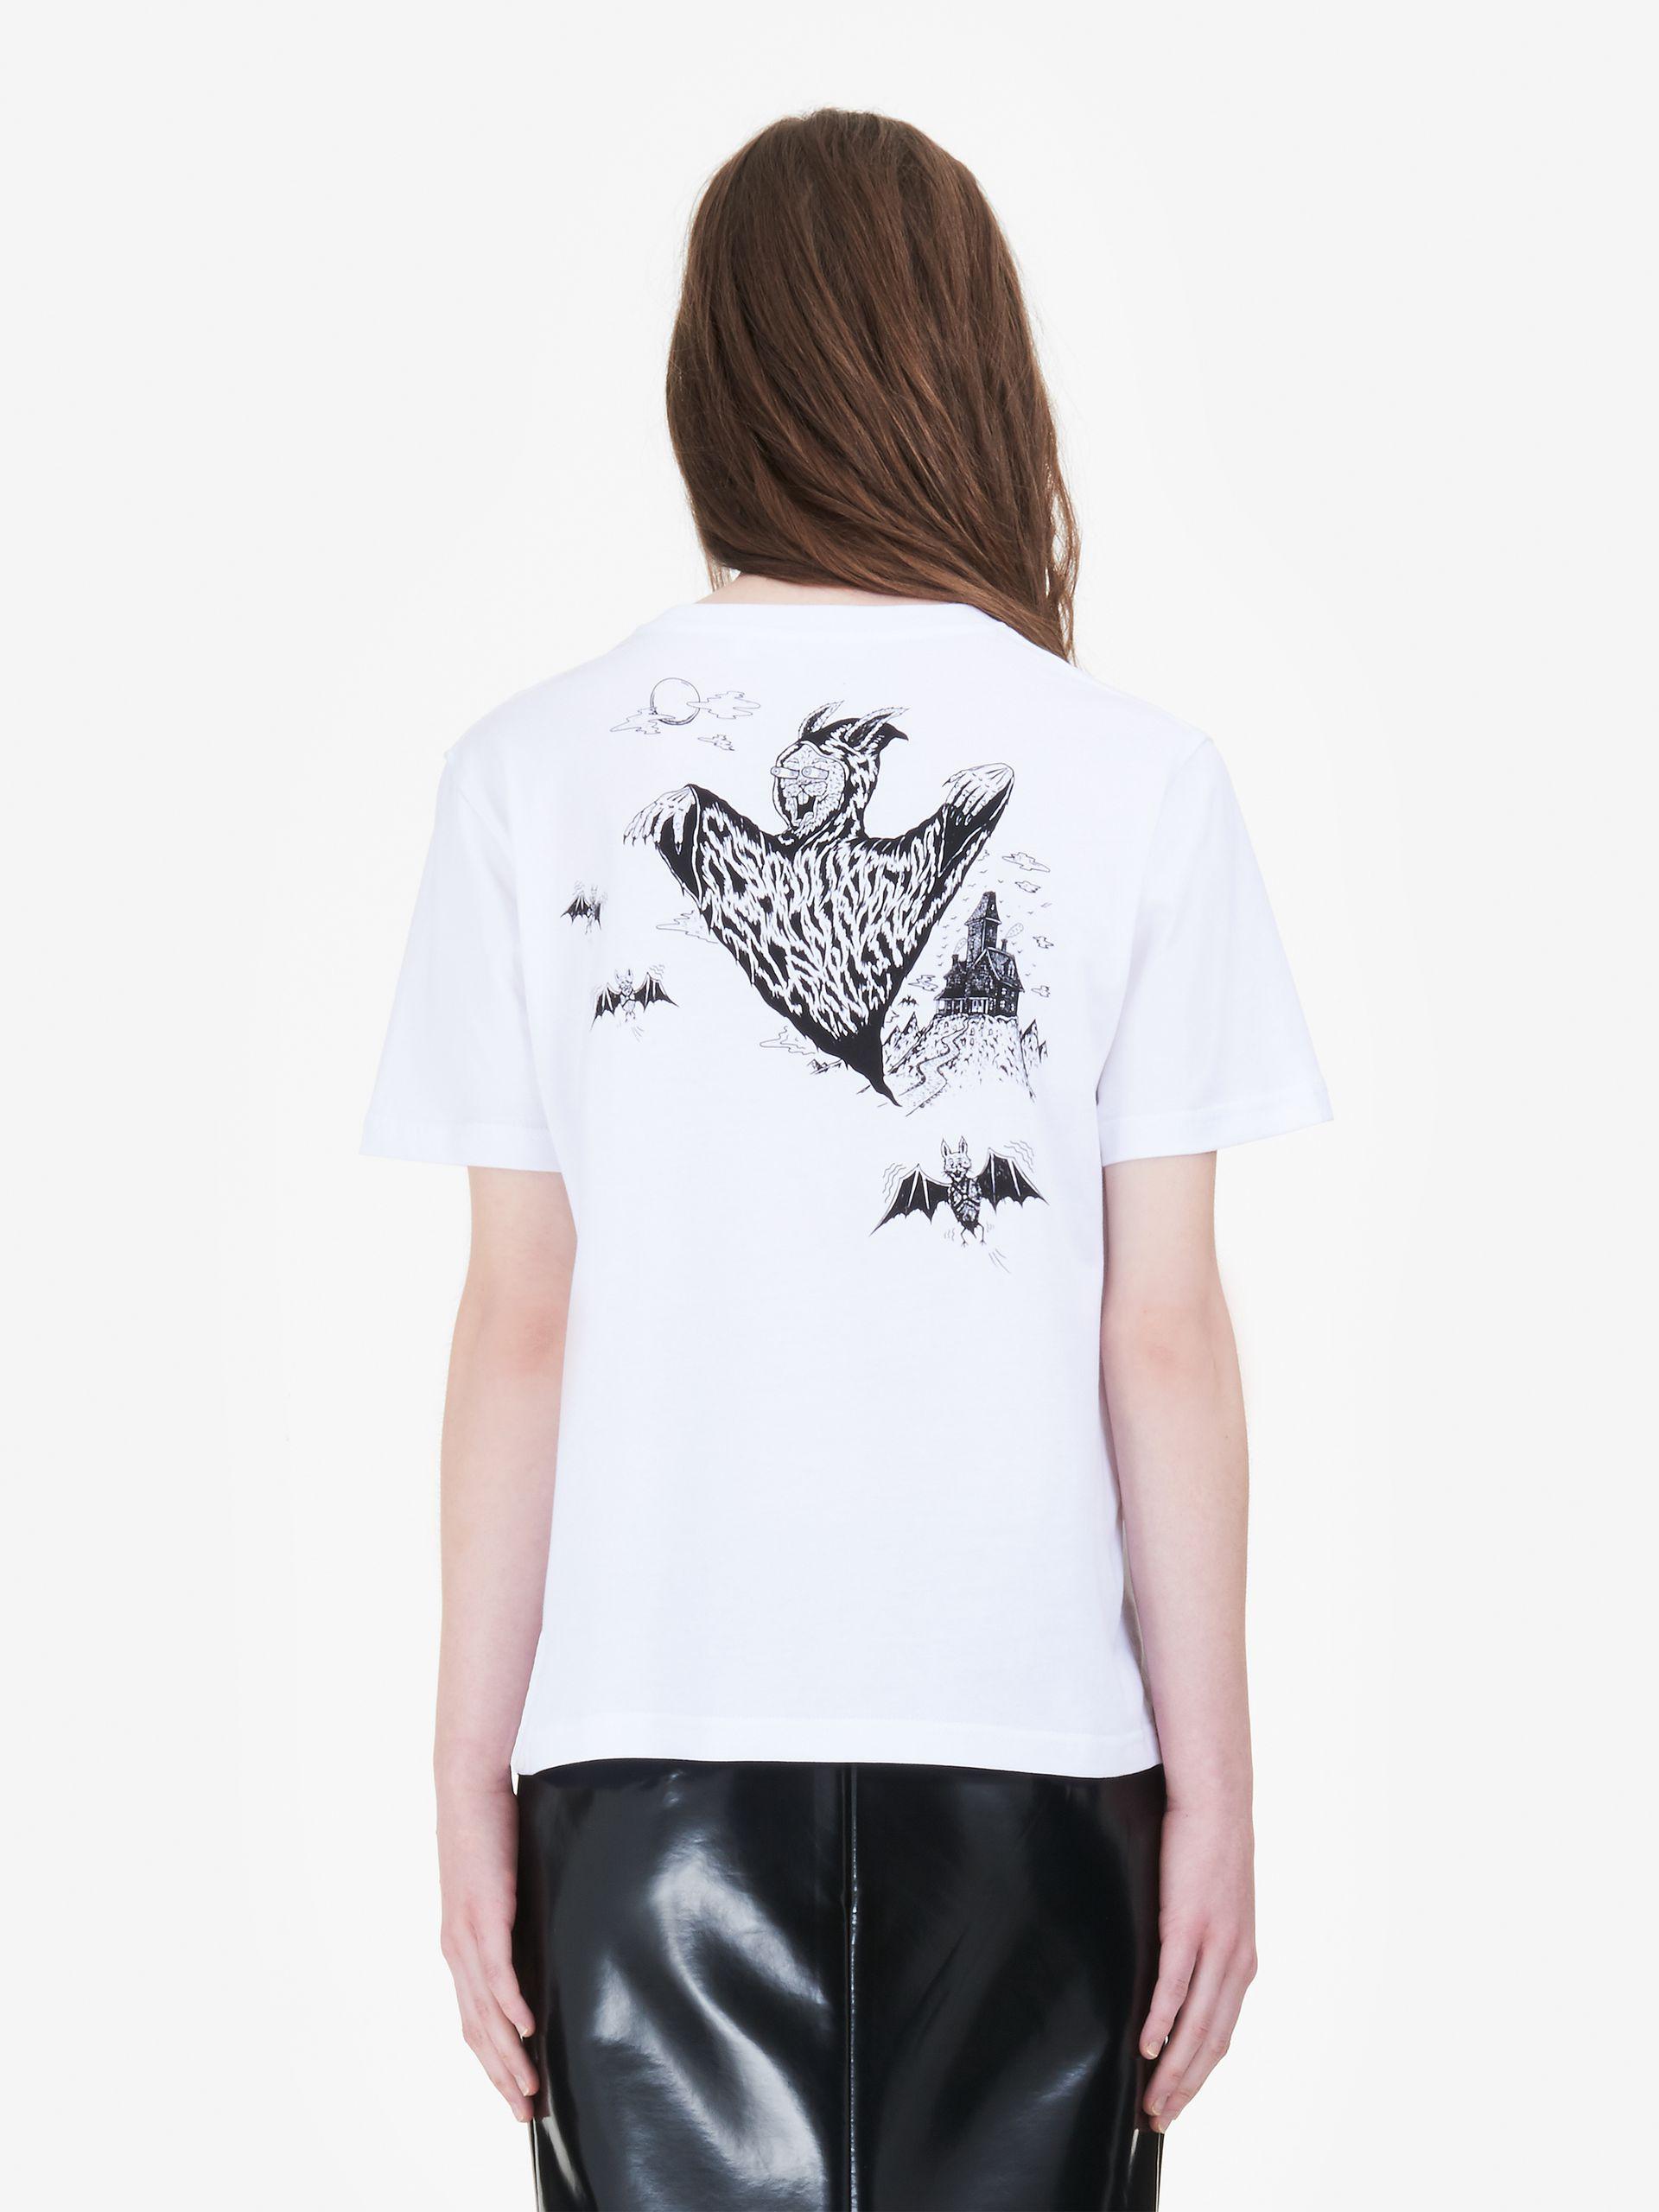 Mcq Alexander Mcqueen Woman Printed Cotton-jersey T-shirt Gray Size XXS Alexander McQueen Buy Cheap 2018 QV4HNSQ